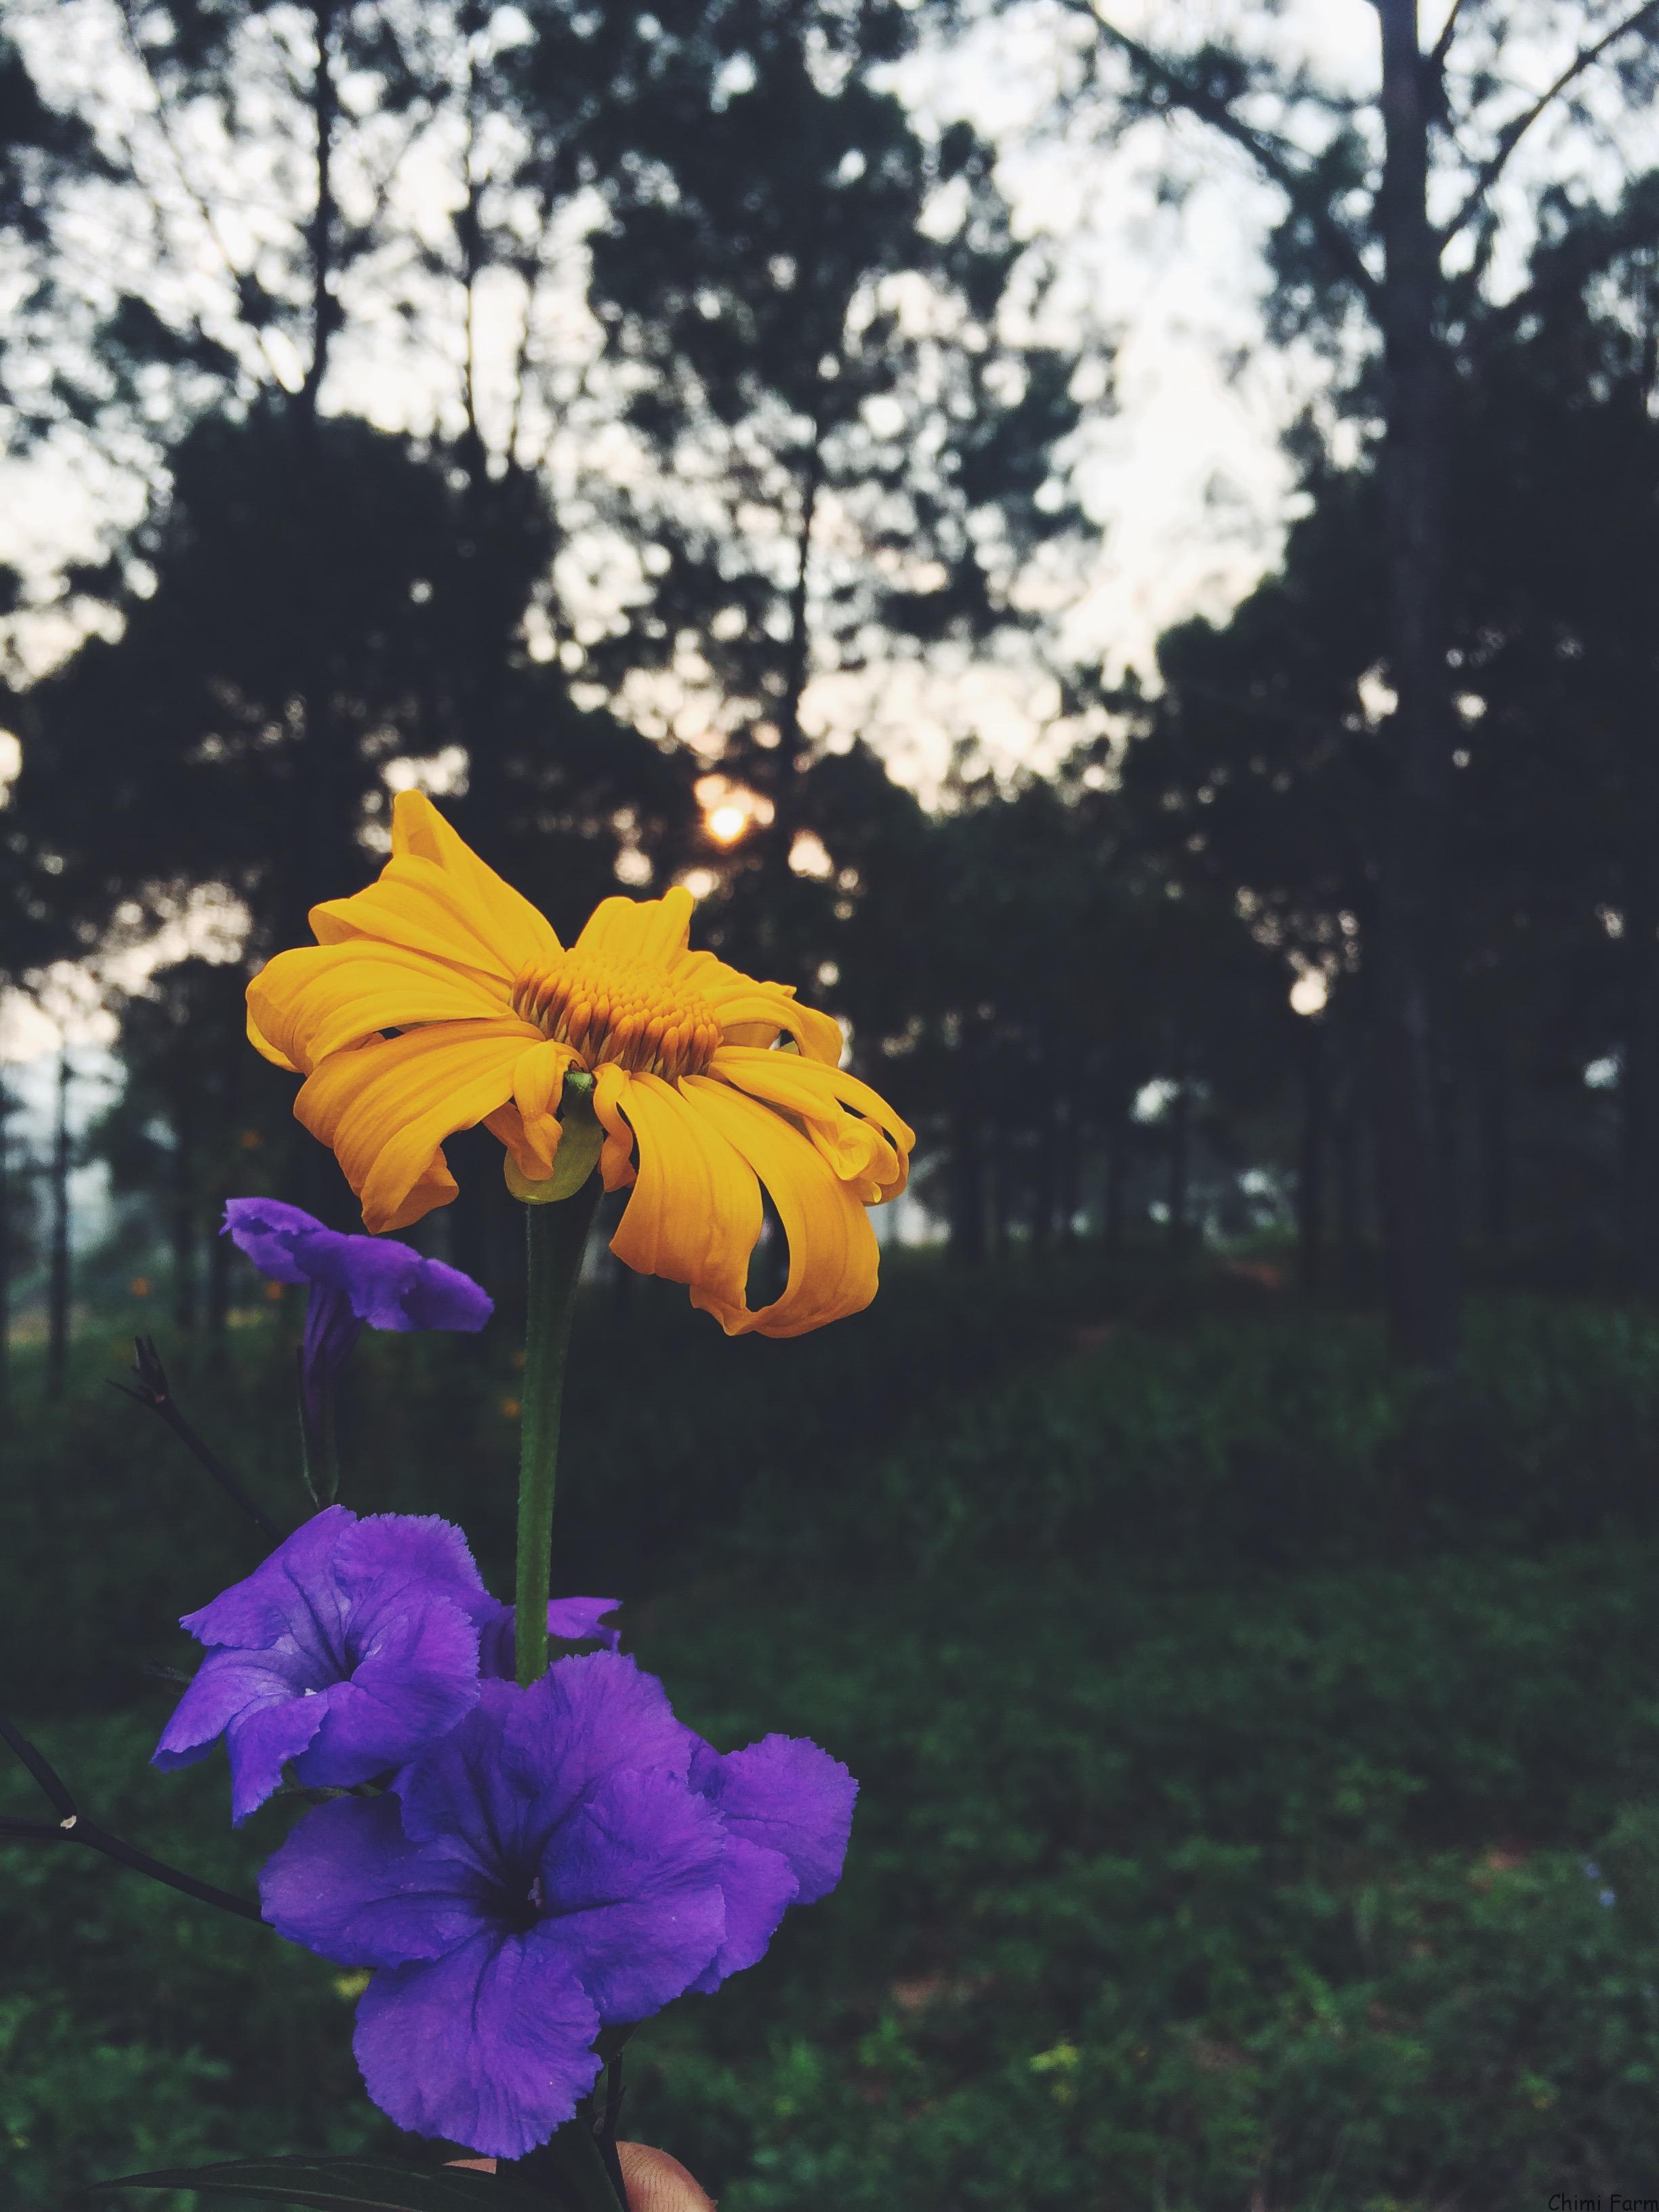 Dã qùy Mộc ChâuLoài hoa có thể sống vươn lên giữa những ngày đông giá lạnh